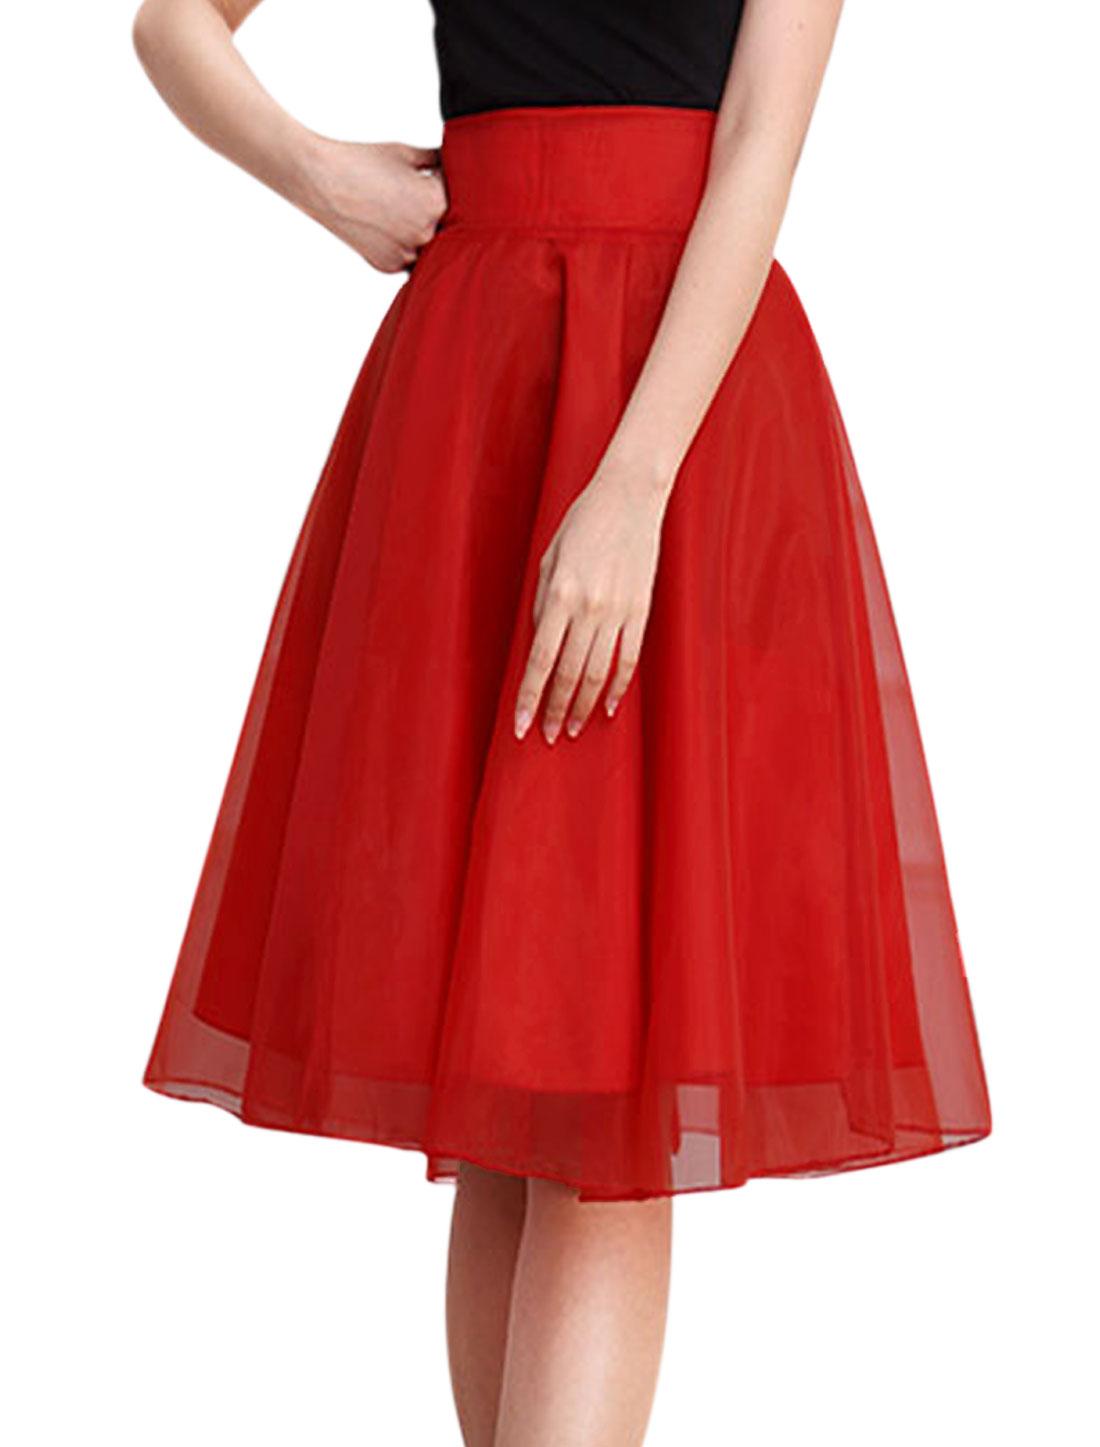 Ladies Waist Band Hidden Zipper Fully Lined A Line Organza Skirt Red M